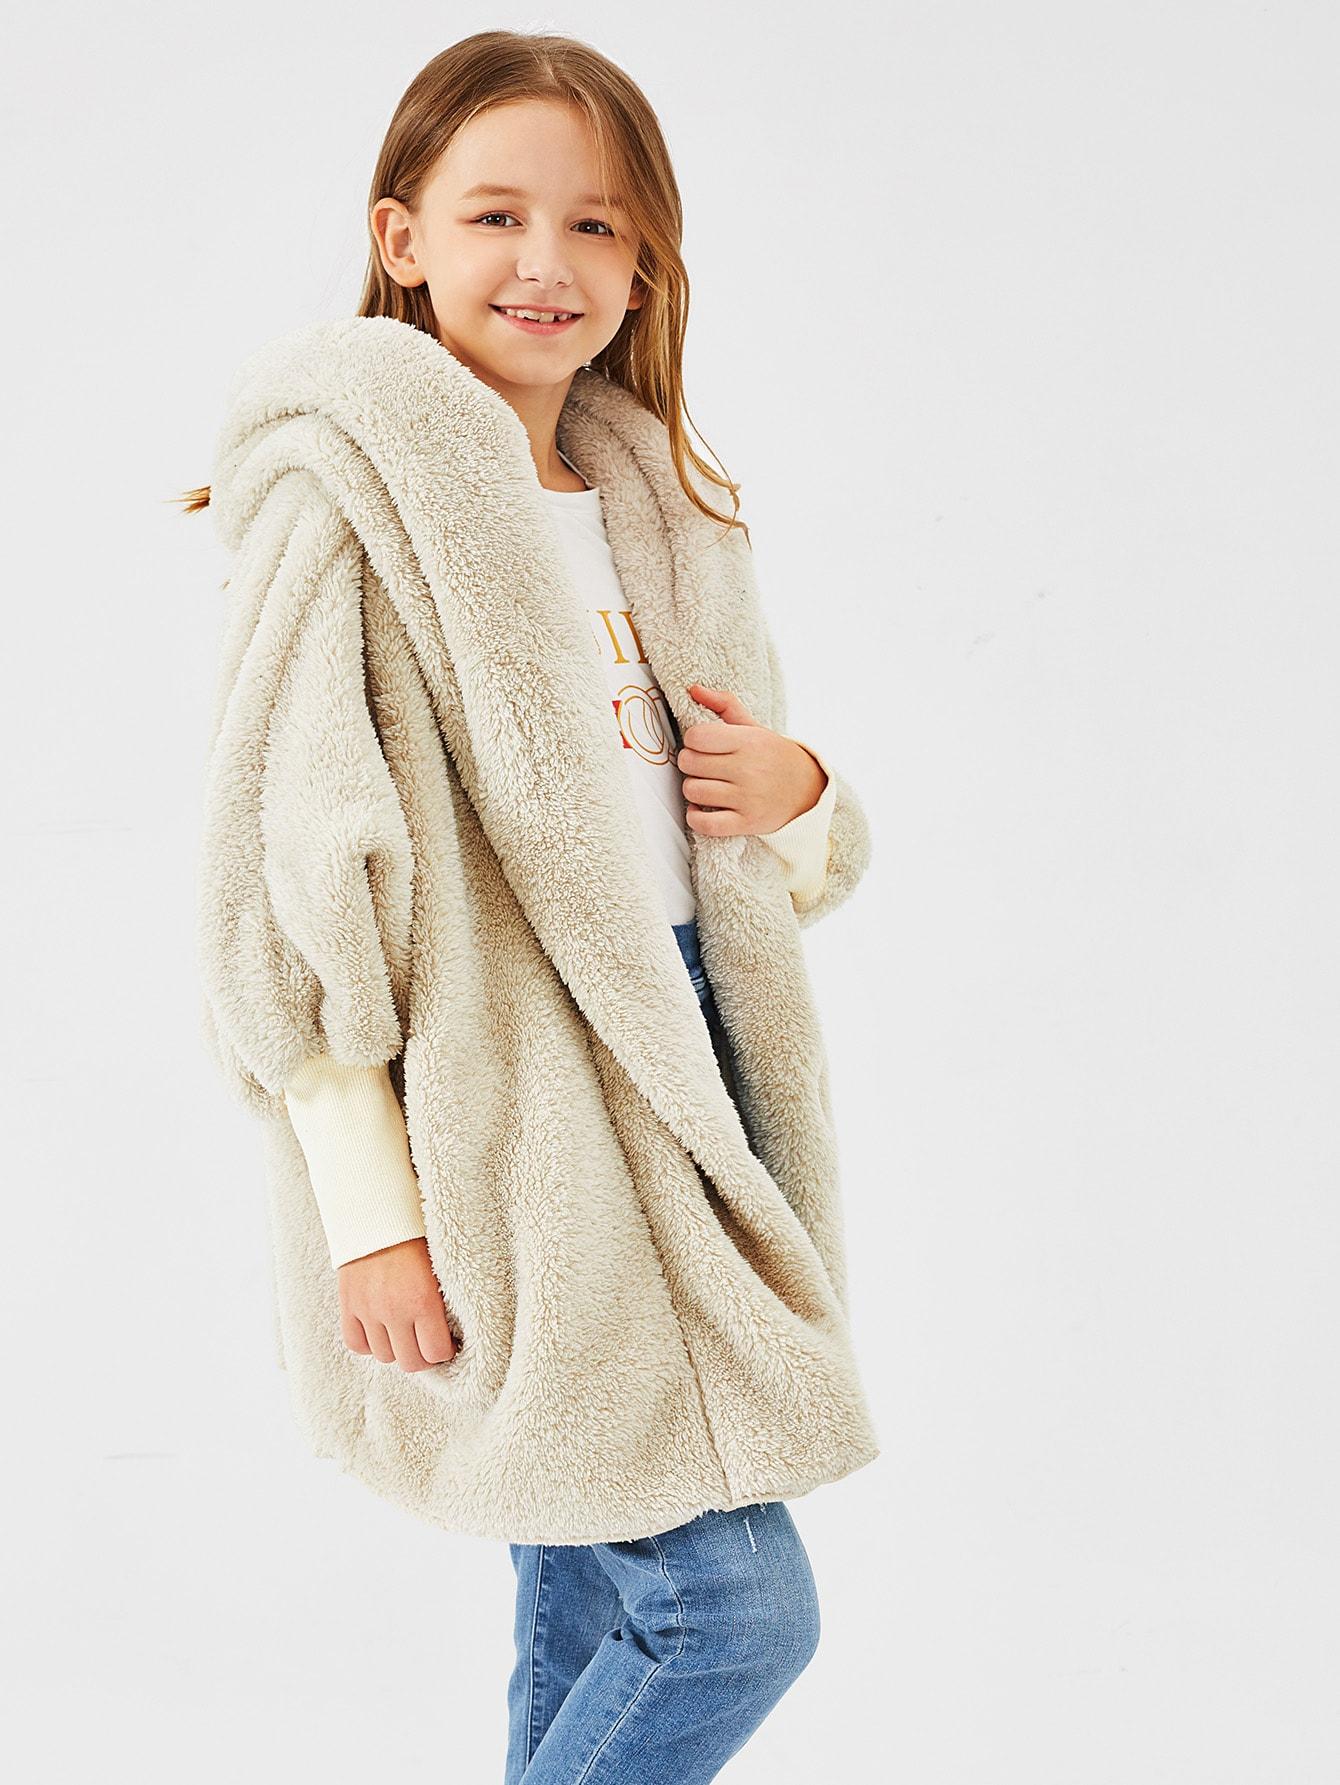 Girls Zip Up Hooded Teddy Coat Girls Zip Up Hooded Teddy Coat